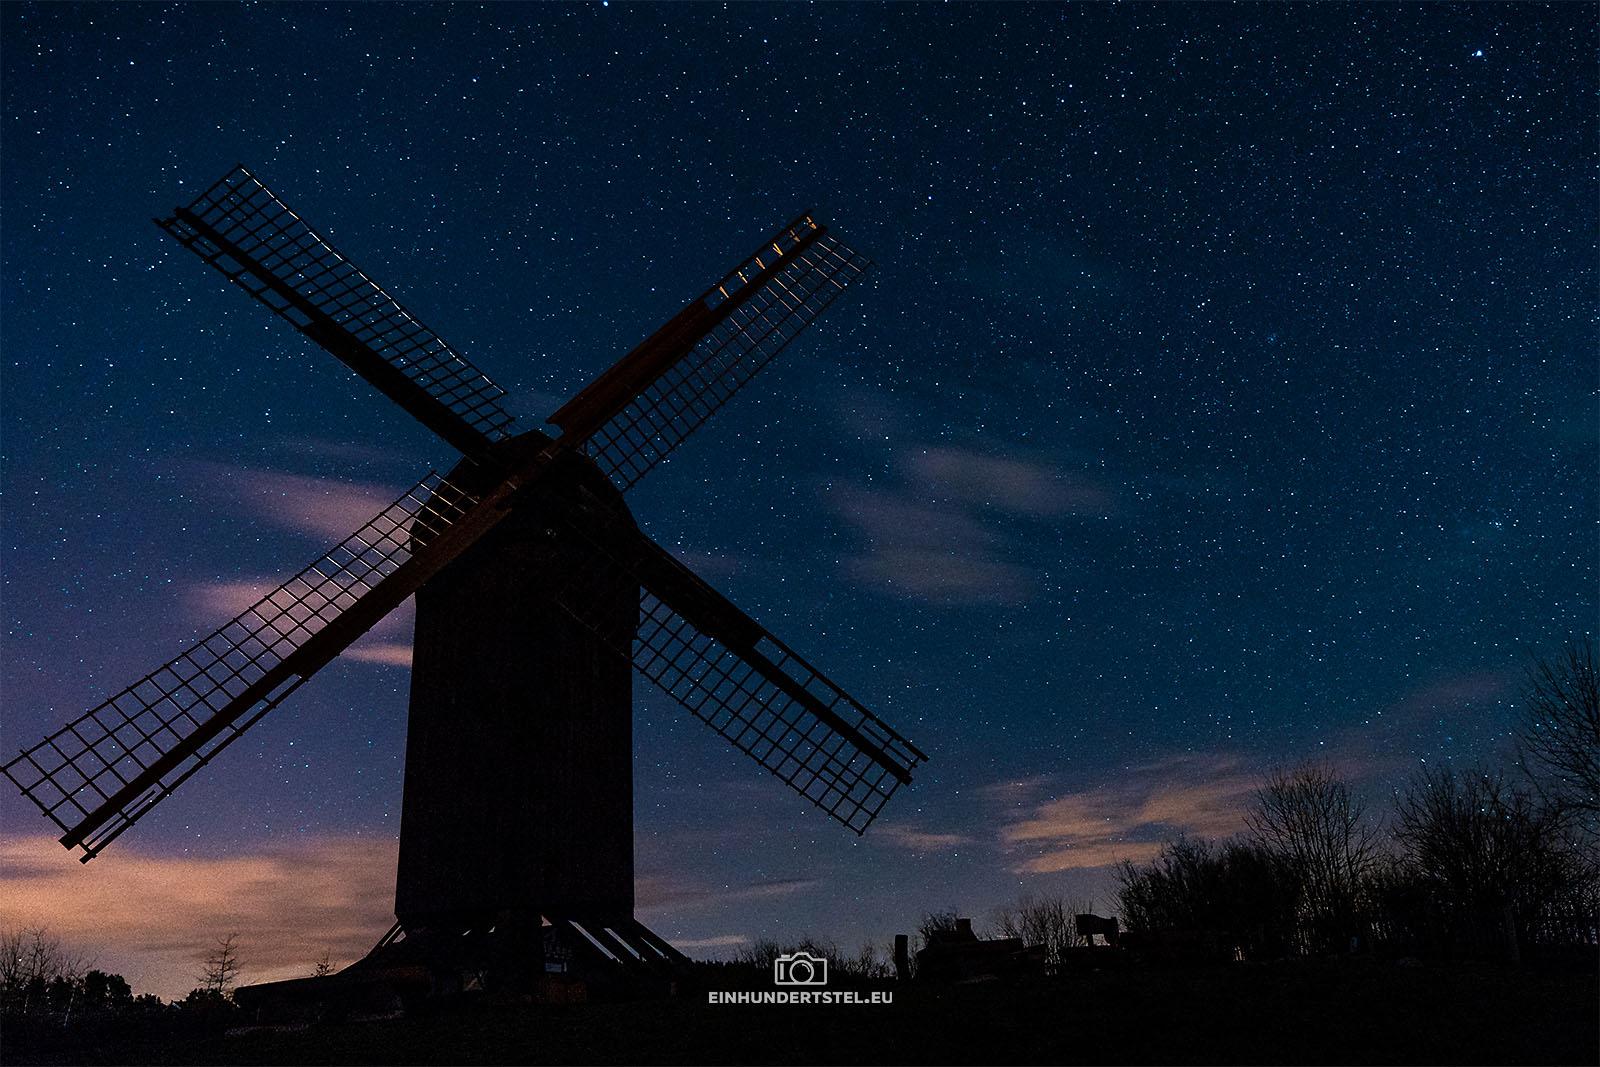 Blockwindmühle auf Usedom bei Nacht mit Sternenhimmel.